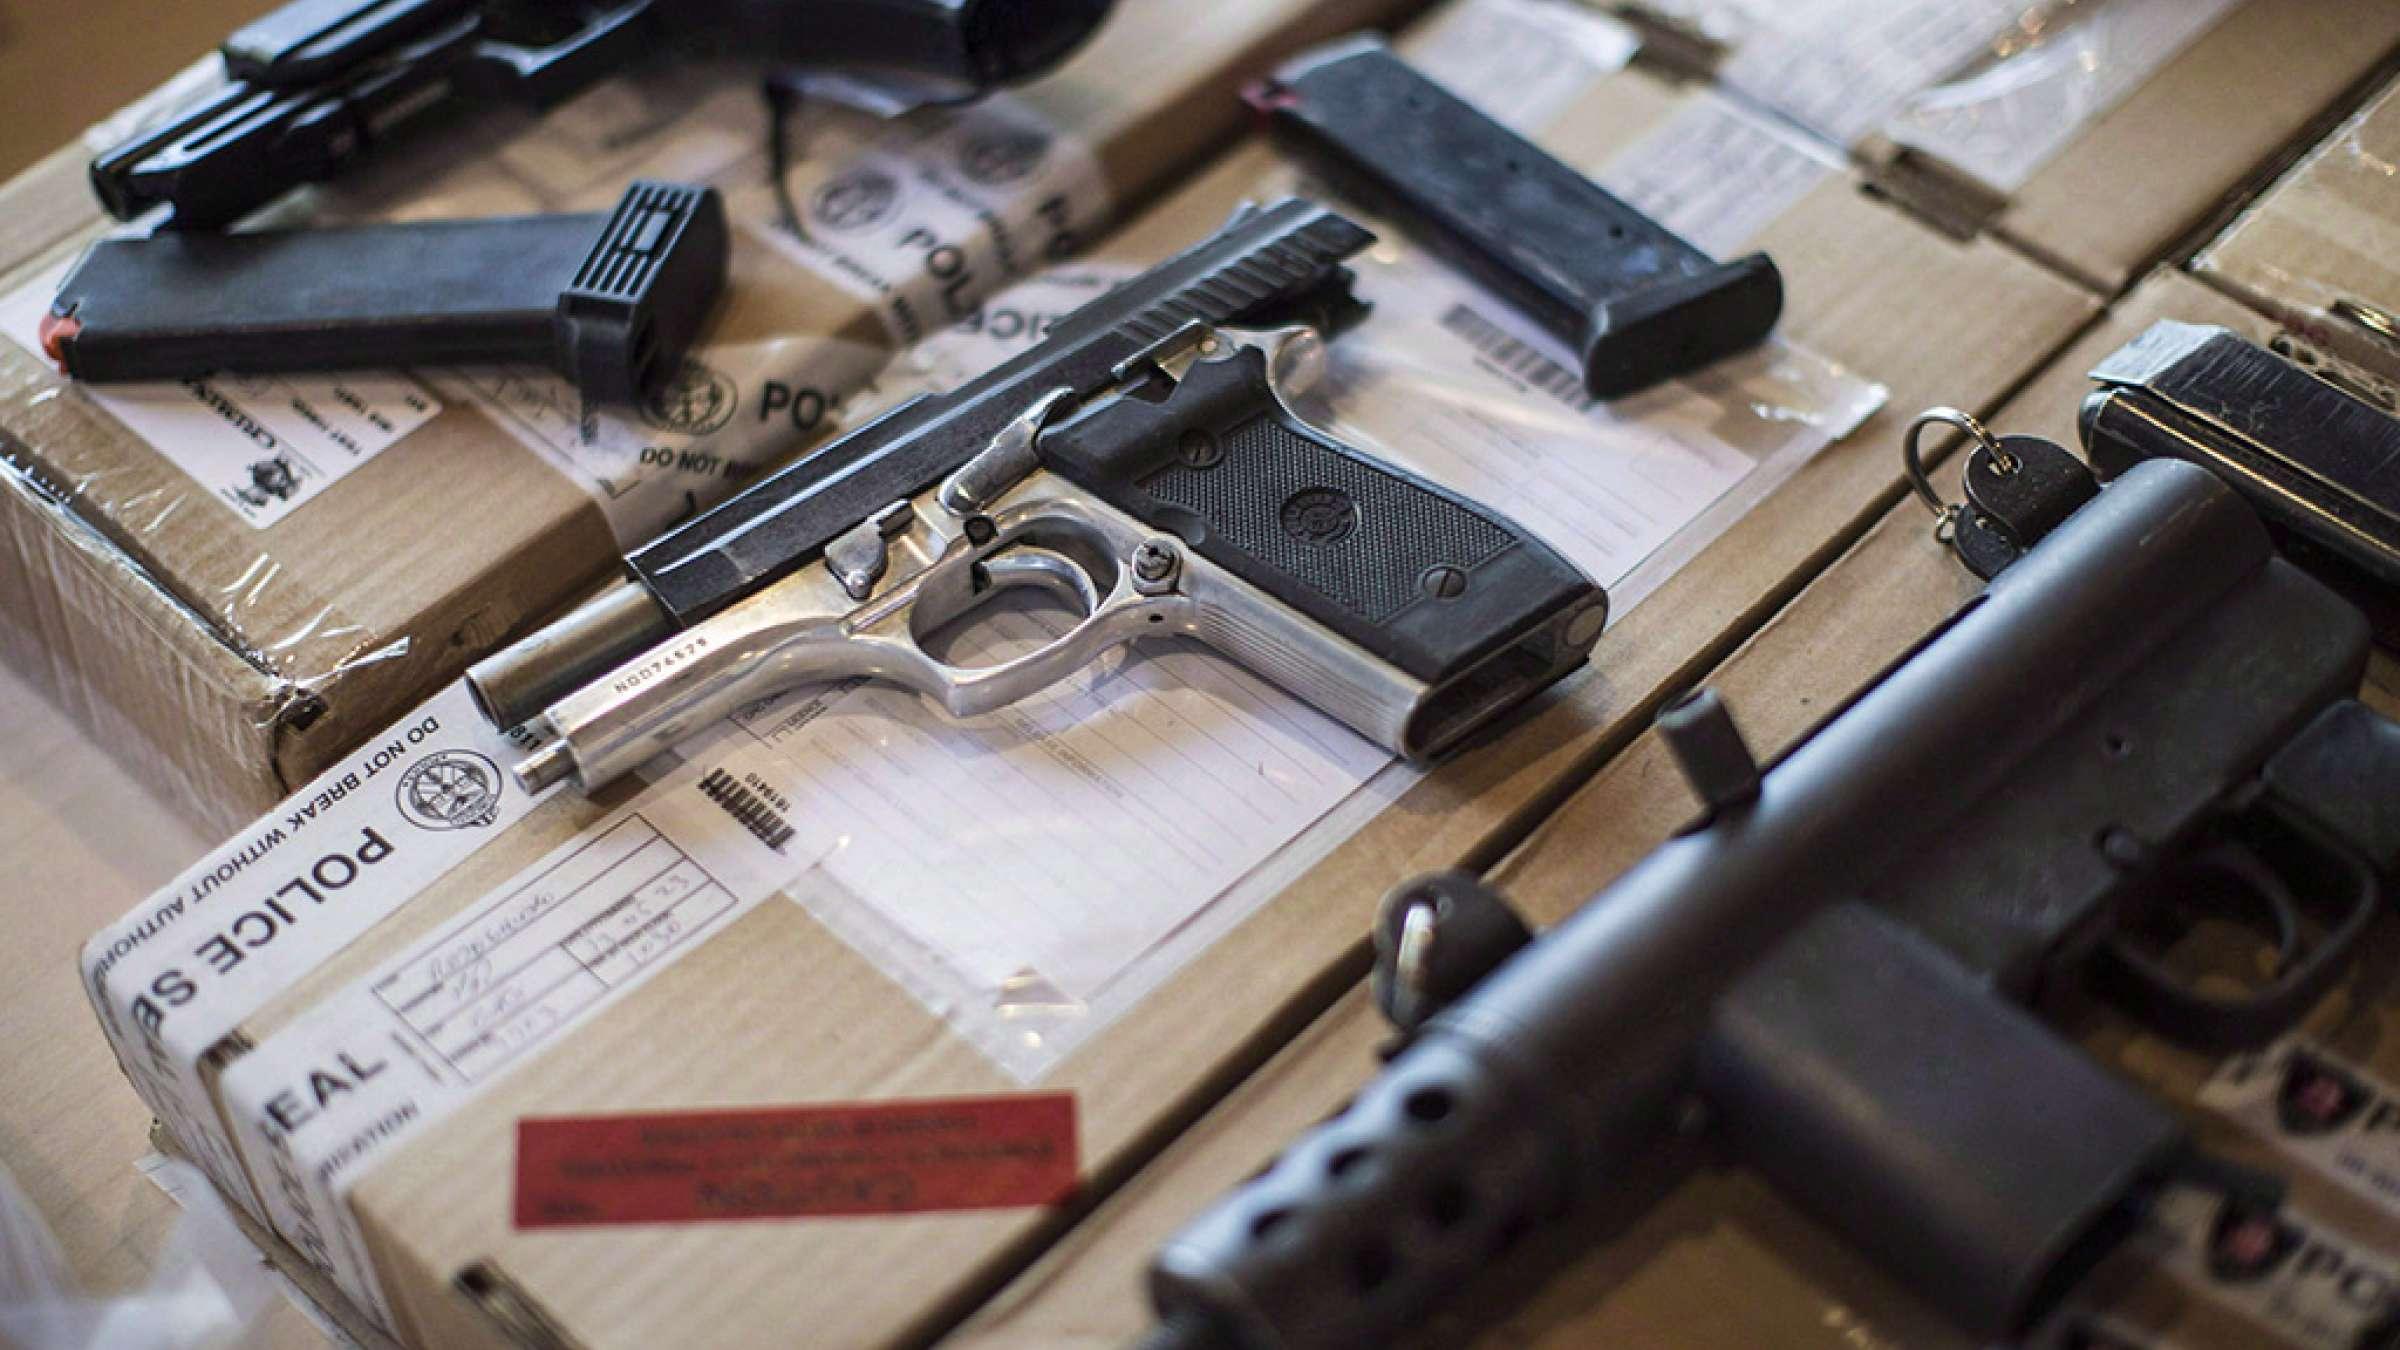 اخبار-تورنتو-دولت-فدرال-کانادا-به-کمک-پلیس-تورنتو-برای-کنترل-اسلحهکشی-میرود